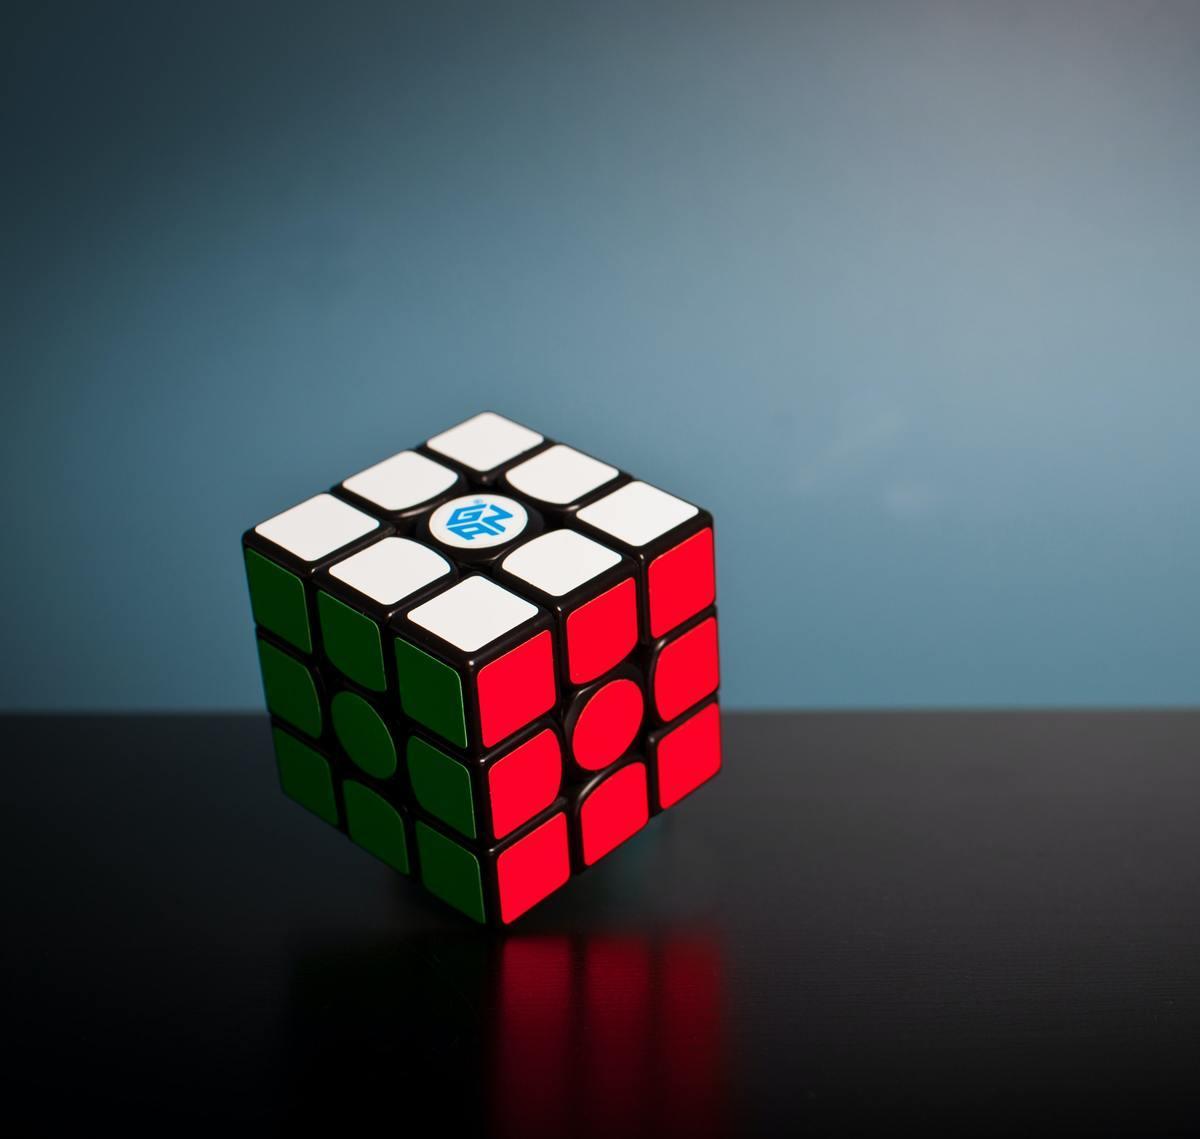 Un rubik's kube symbolisant la stratégie.